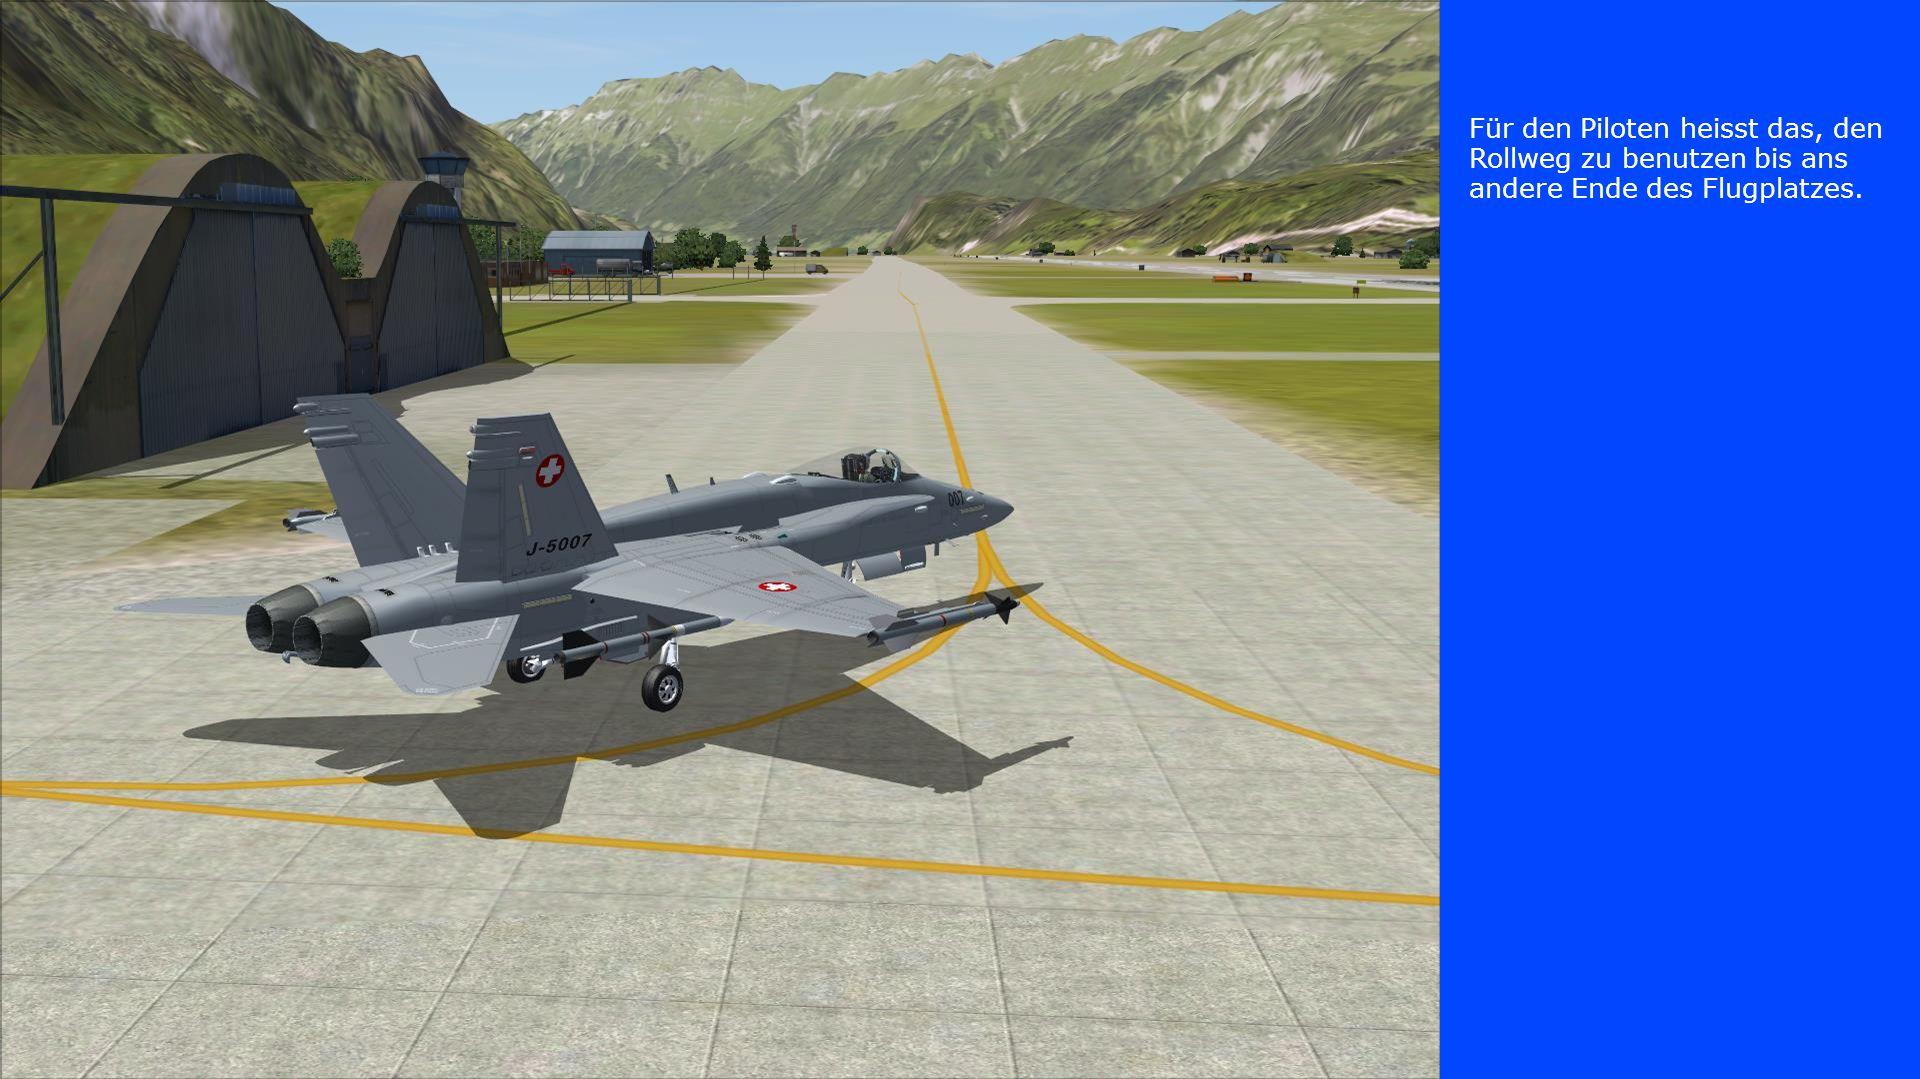 Für den Piloten heisst das, den Rollweg zu benutzen bis ans andere Ende des Flugplatzes.